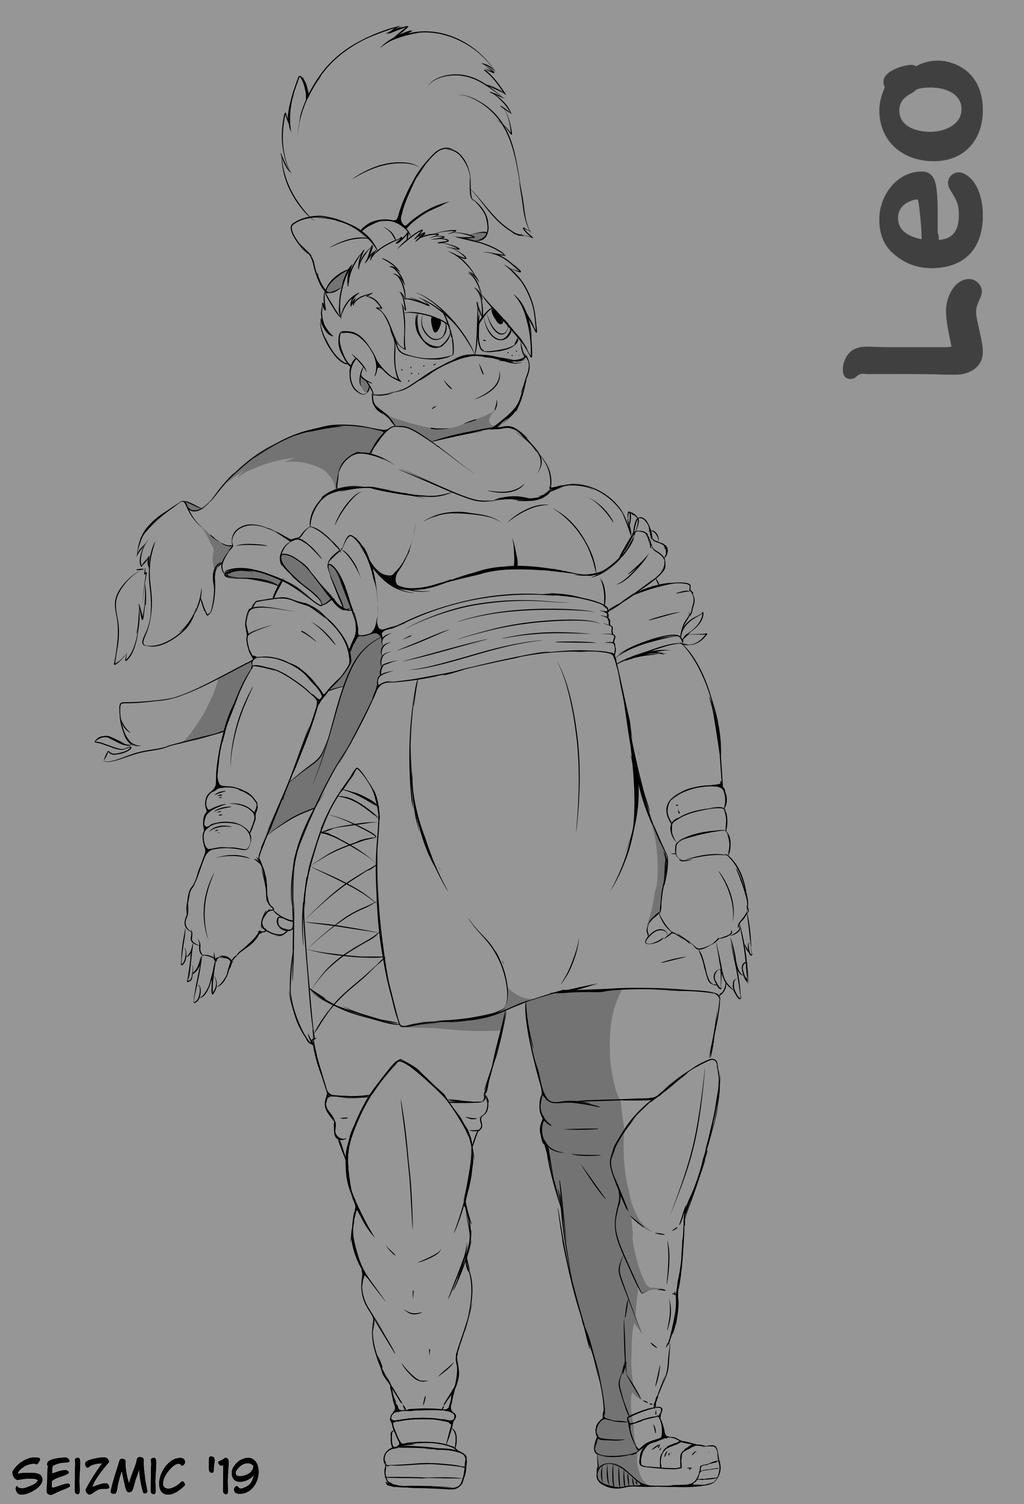 Warmup - Human Leo